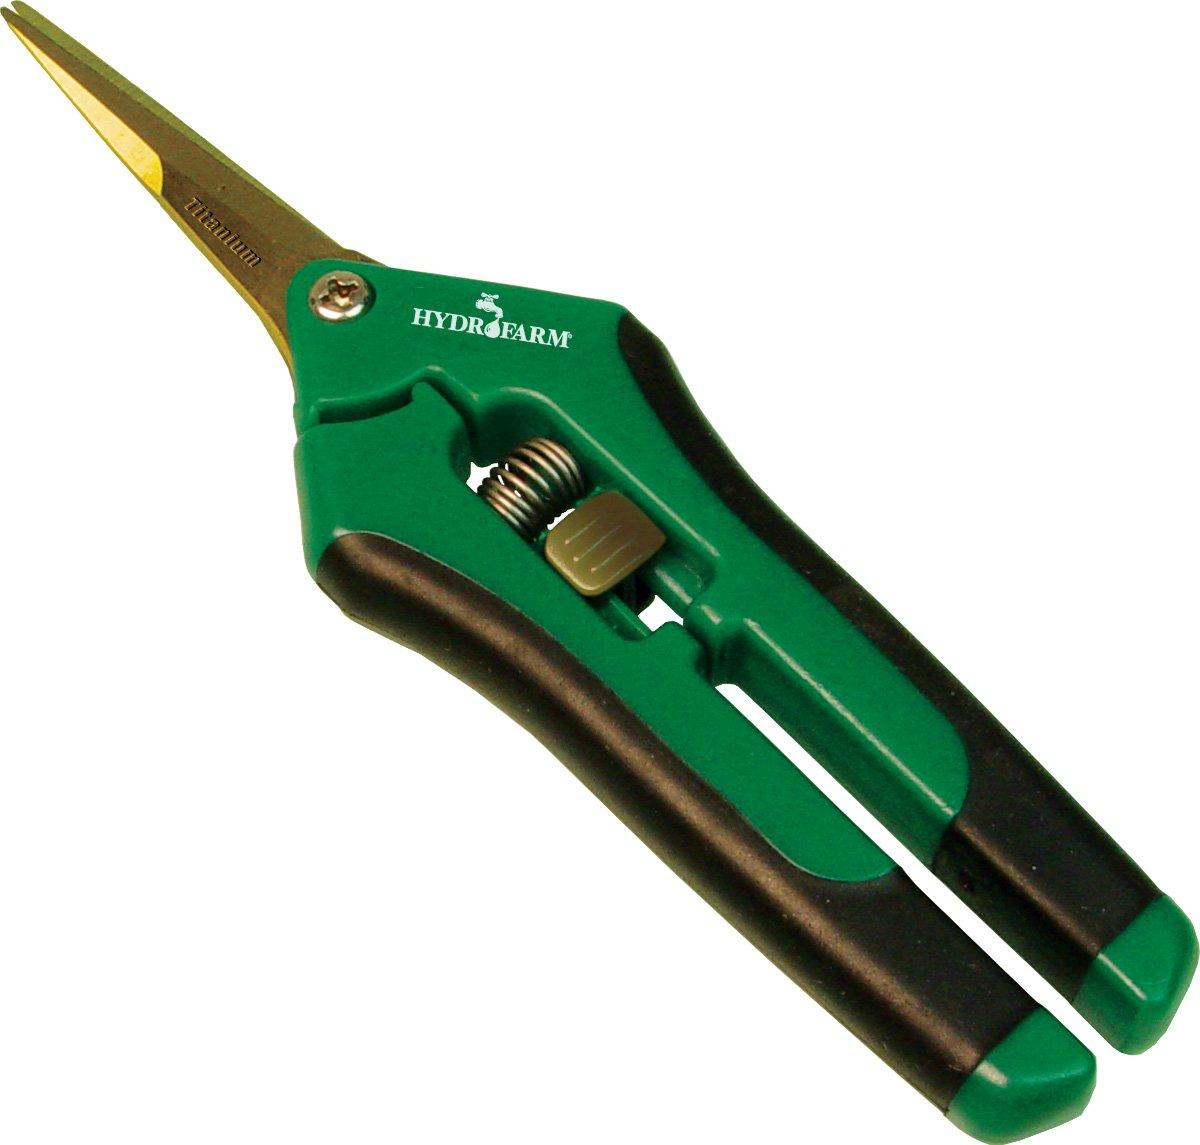 Hydrofarm HGPP400T Titanium Precision Pruner, Green by Hydrofarm